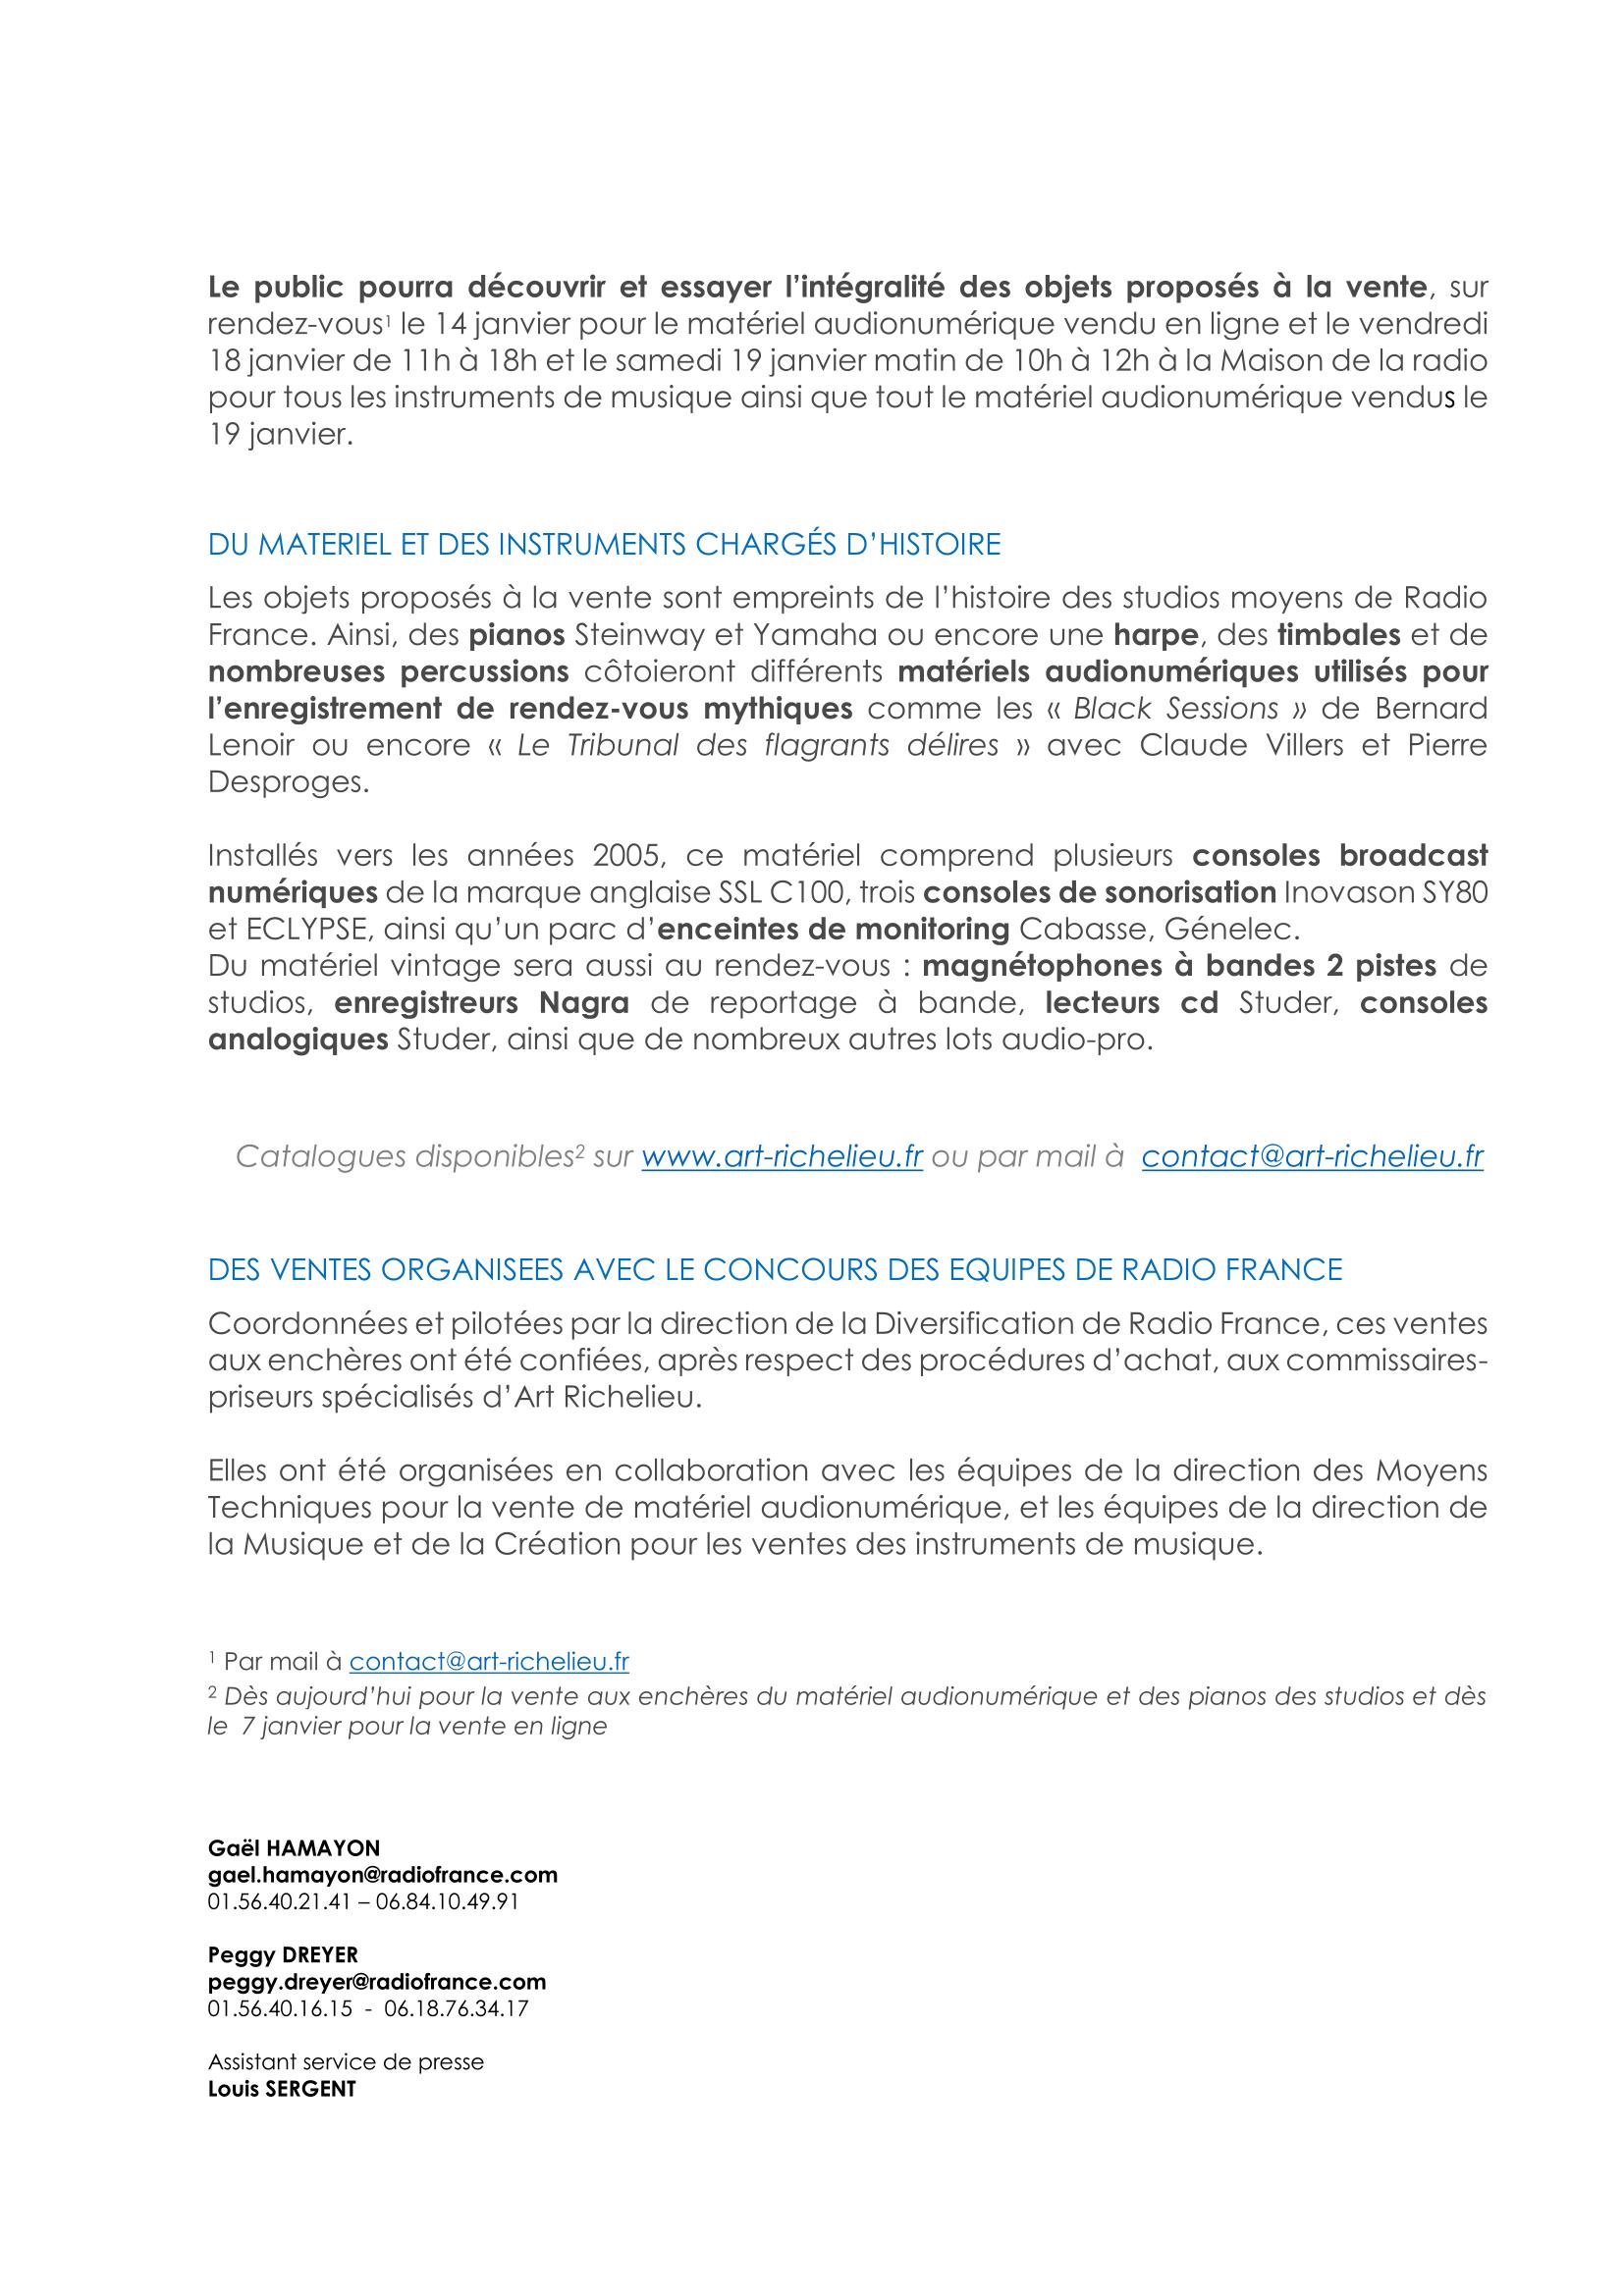 radio-france_cp-ventes-aux-encheres_janvier-2019-2